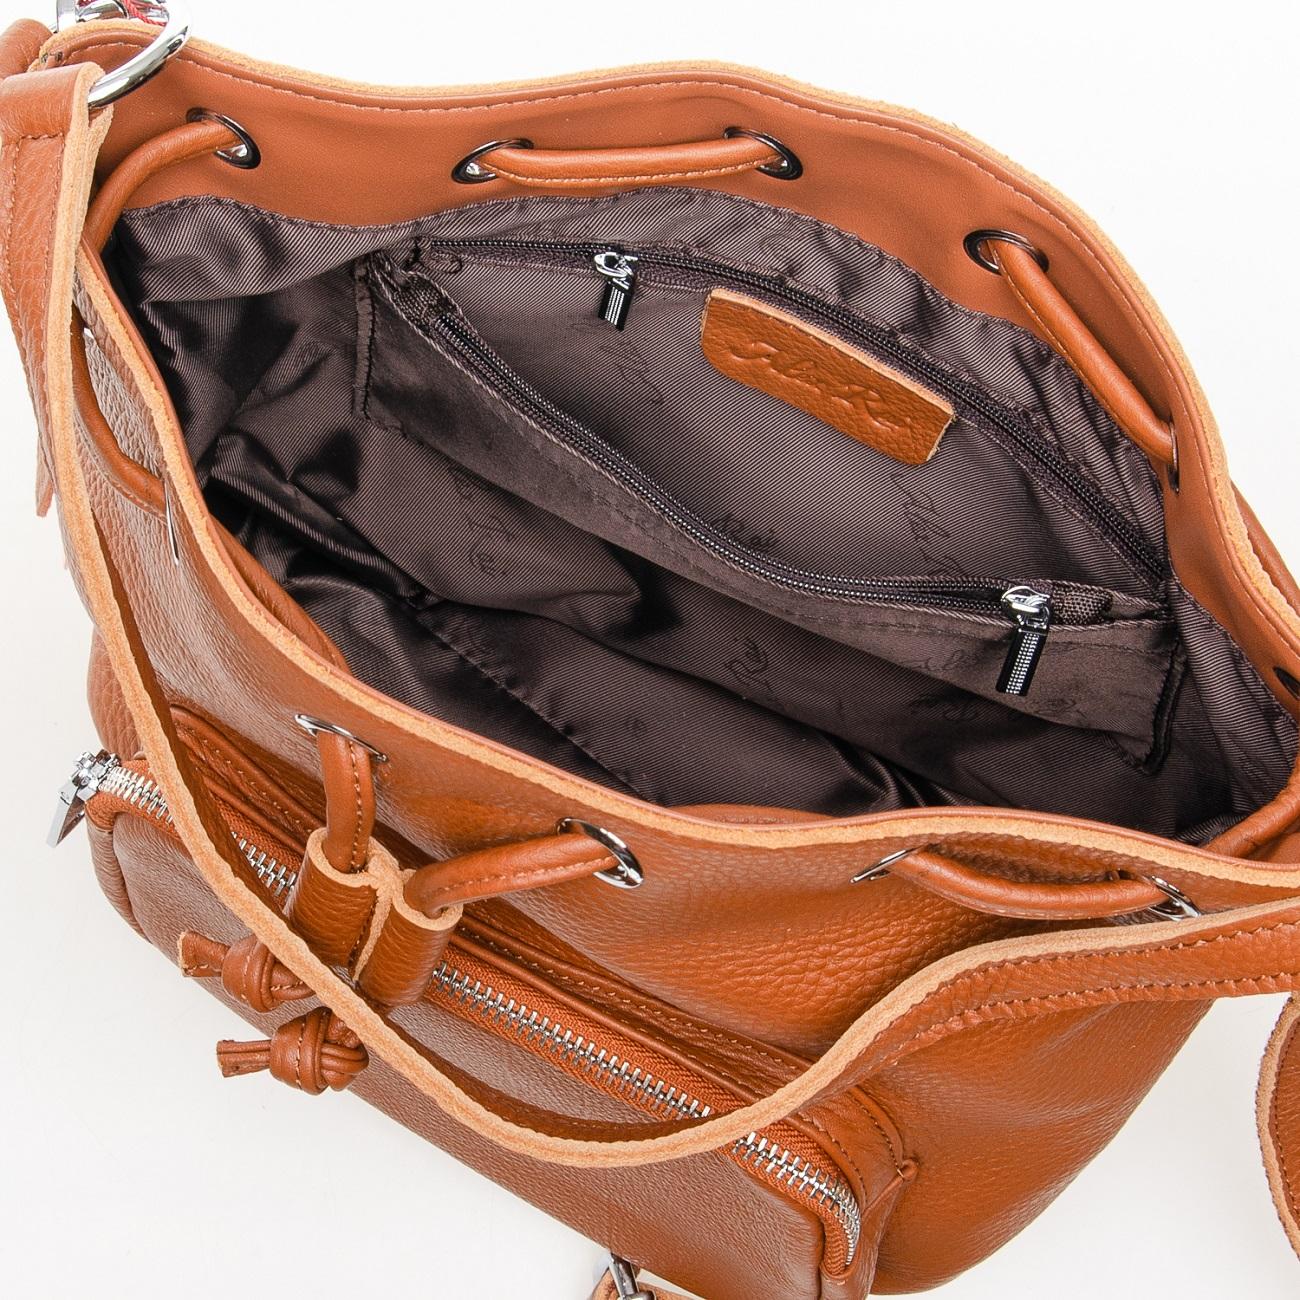 Сумка Женская Классическая кожа ALEX RAI 7-01 7110 khaki - фото 5